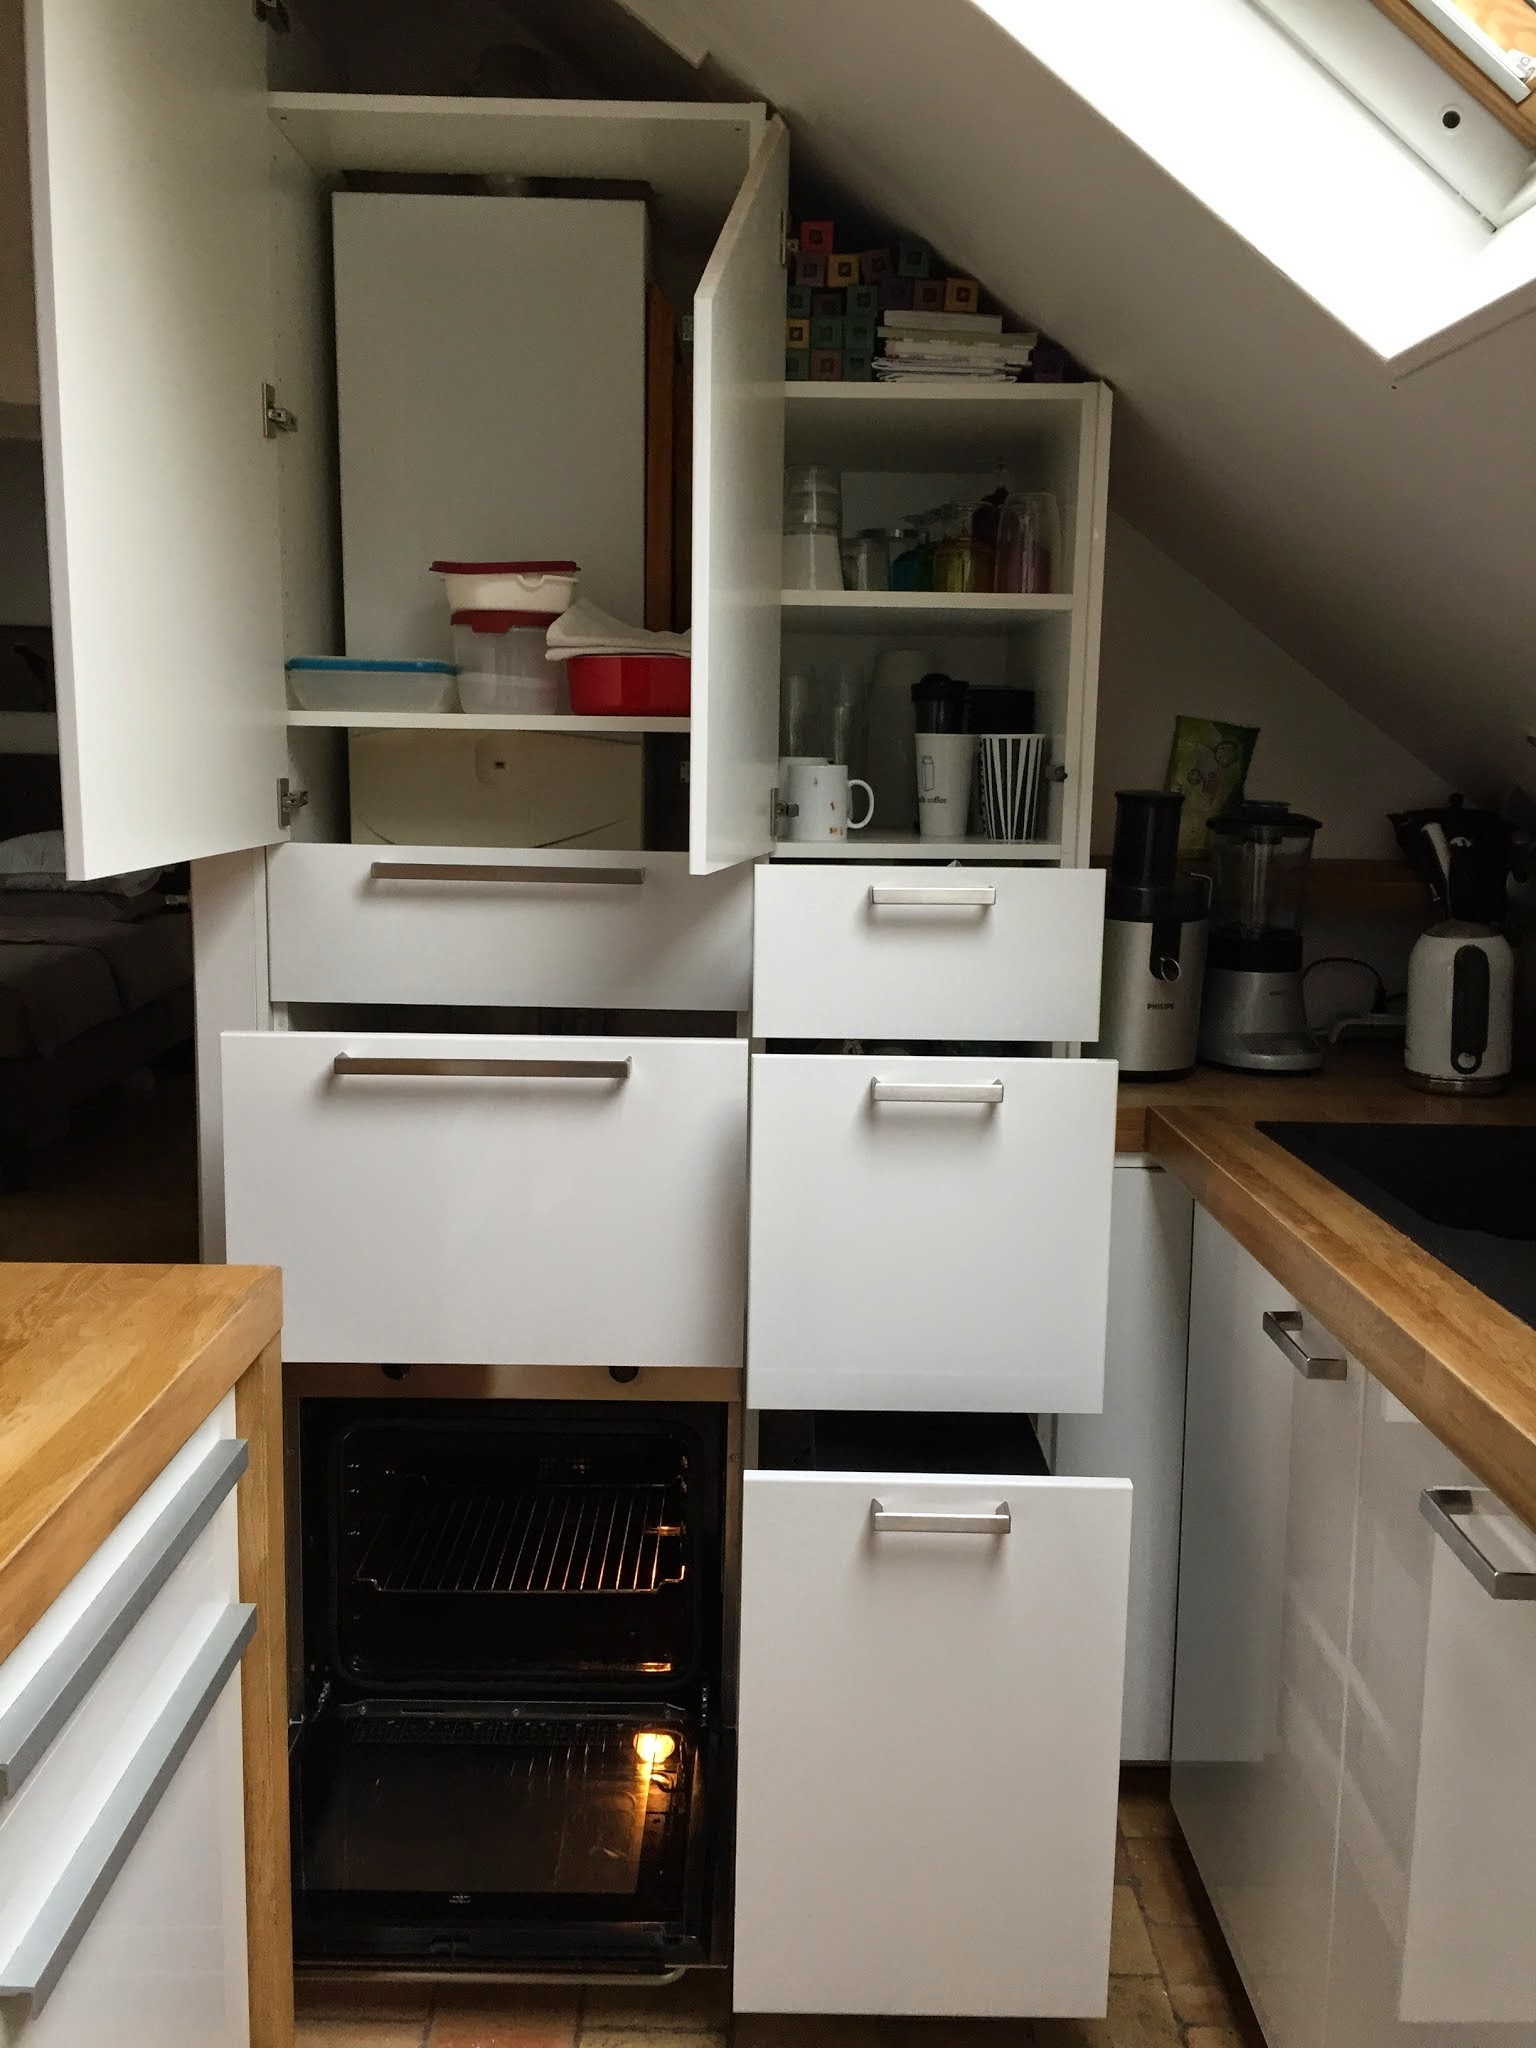 Installateur de cuisine - Cuisine ikea sur mesure ...